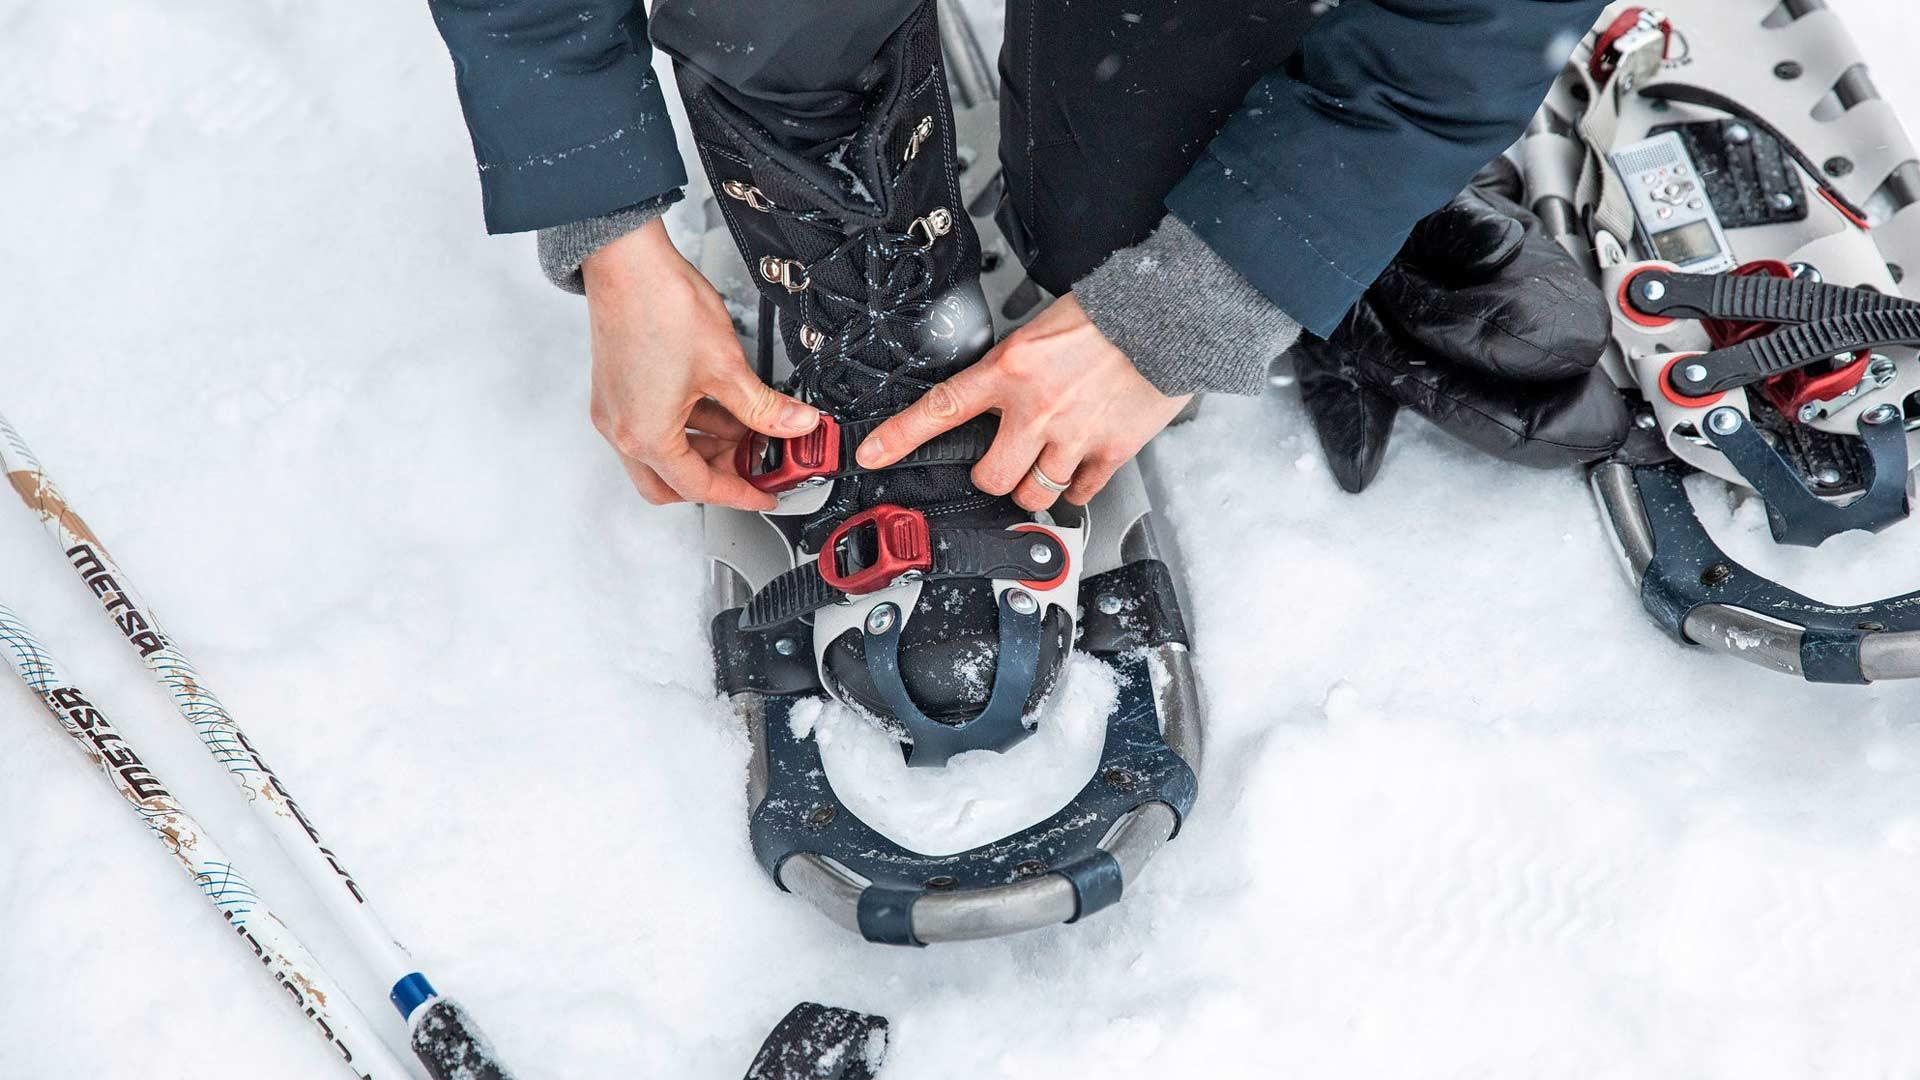 Lumikengät kiristetään siteillä tiukasti, mutta niin, että veri kiertää jaloissa.